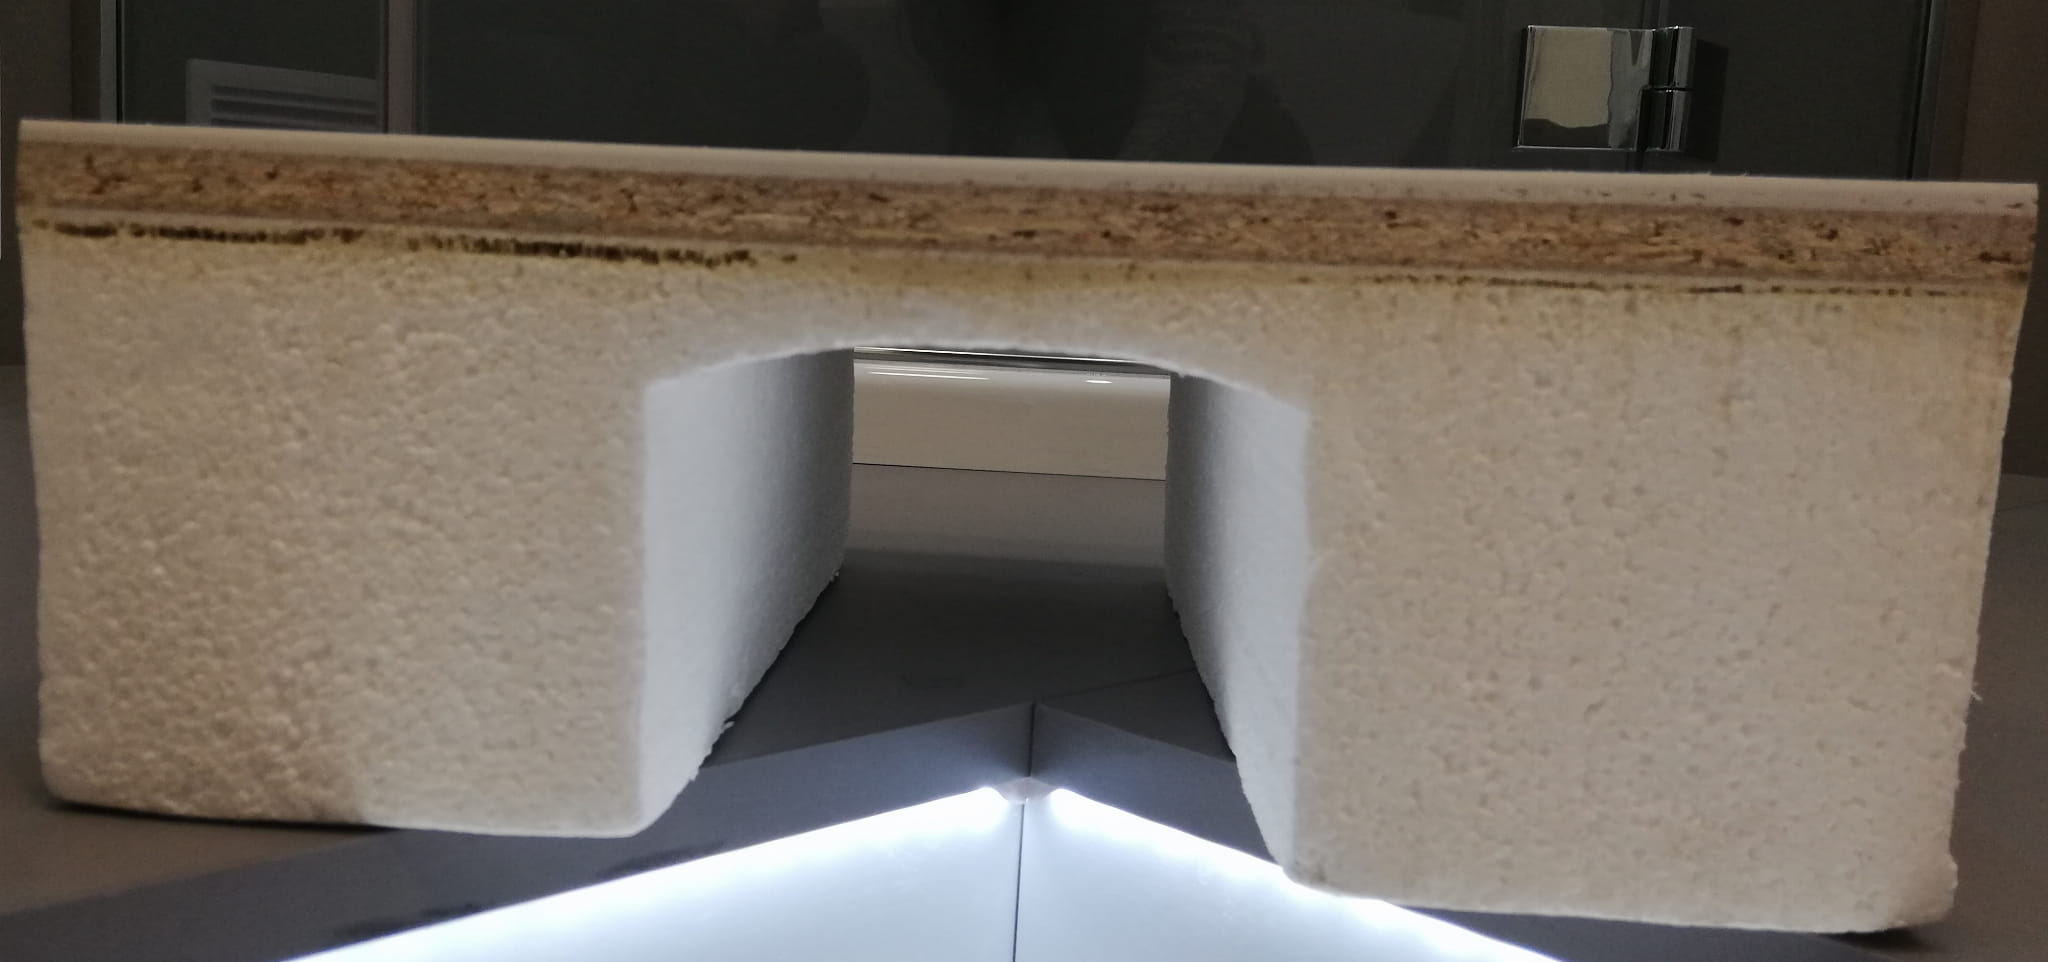 RADAWAY brodzik akrylowy Siros C 80 na podstawie styropianowej DO OBUDOWANIA.  SBC8817-1